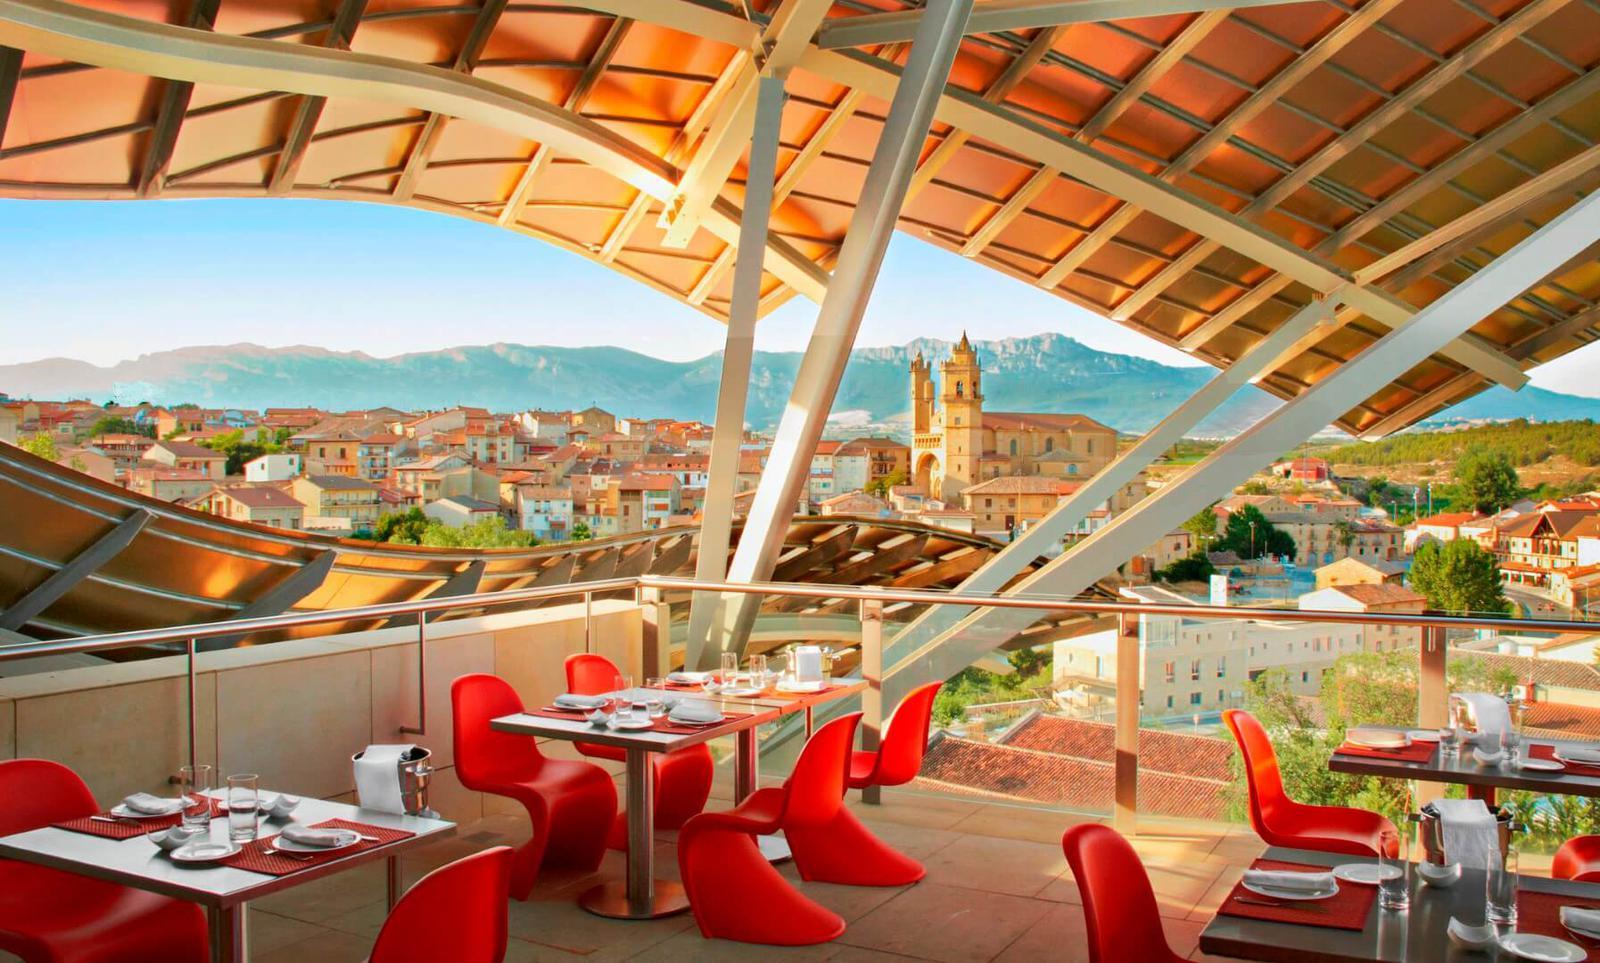 Los 10 mejores hoteles enol gicos en espa a de 2012 for Hotel marques de riscal